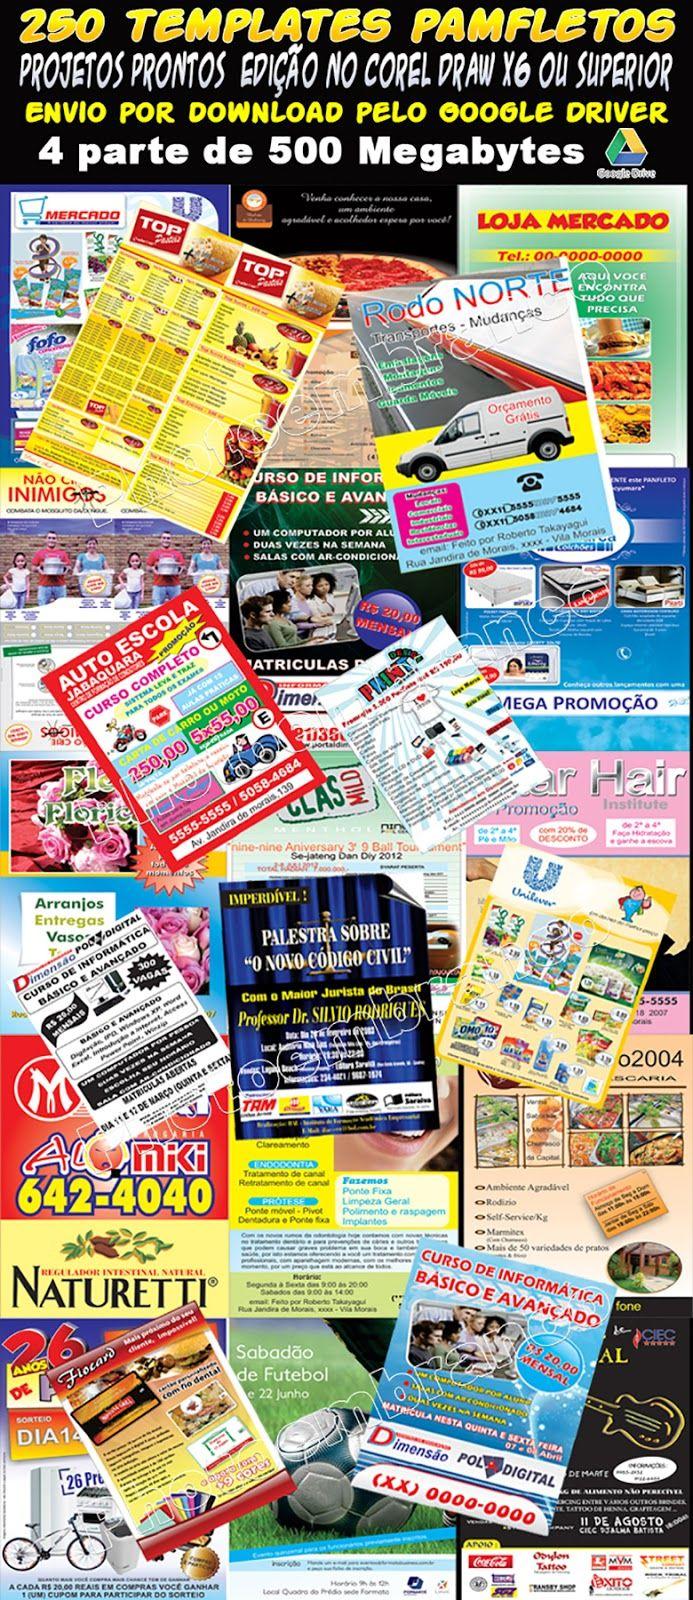 250 Panfleto Folheto Modelos Editáveis Corel Draw Impressão - R$ 11,99 em Mercado Livre